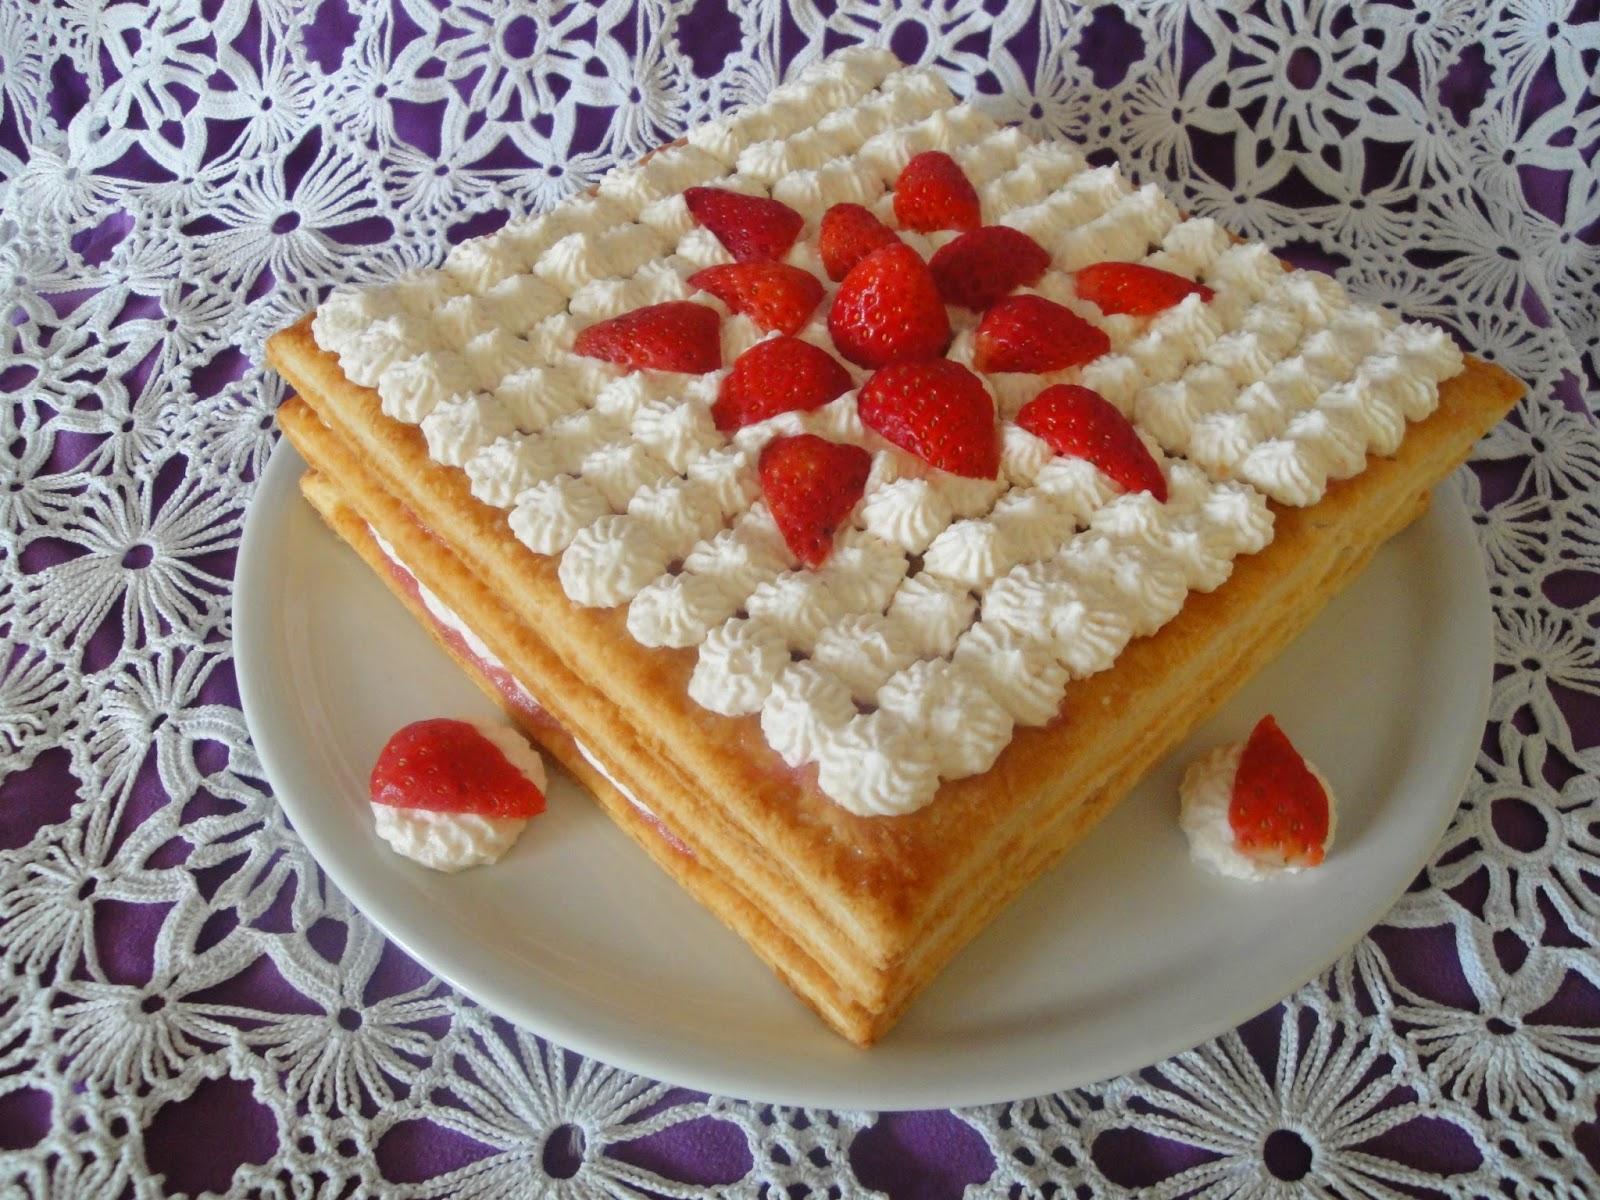 Arcobaleno di zucchero millefoglie alle fragole for Decorazione torte millefoglie